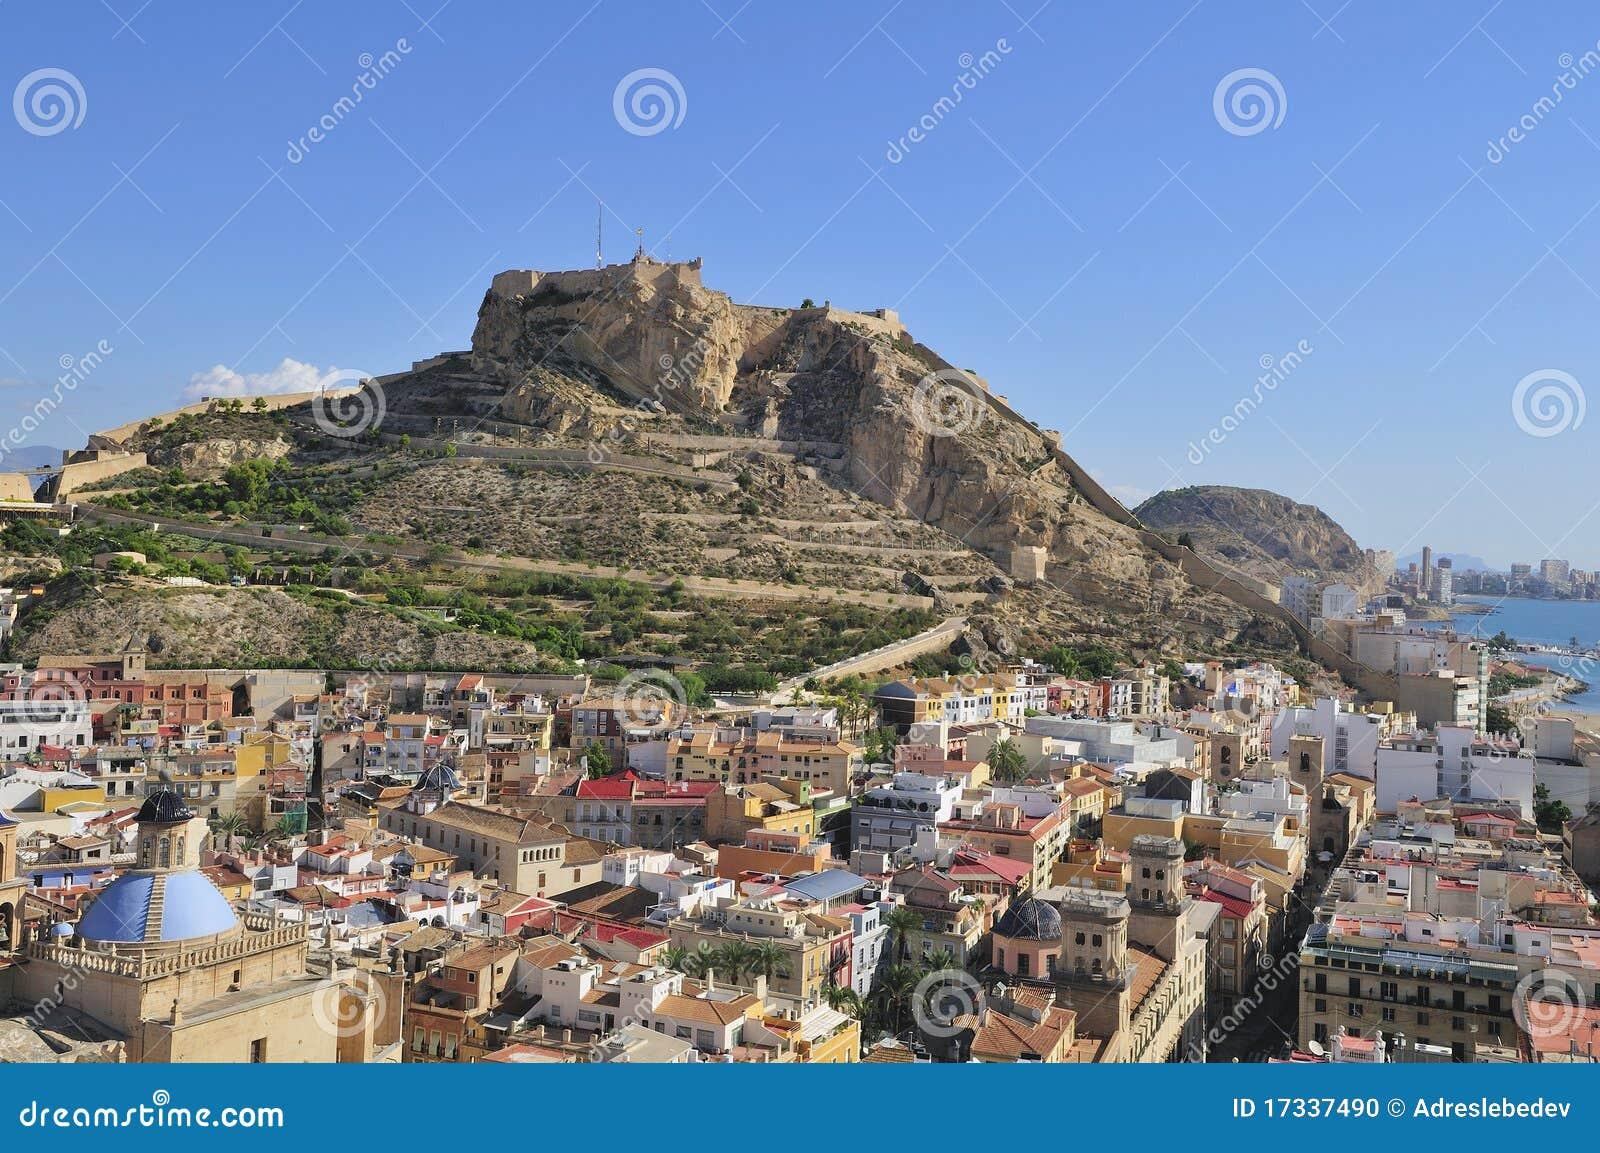 Fortress of santa barbara alicante spain stock photo image 17337490 - Stock uno alicante ...